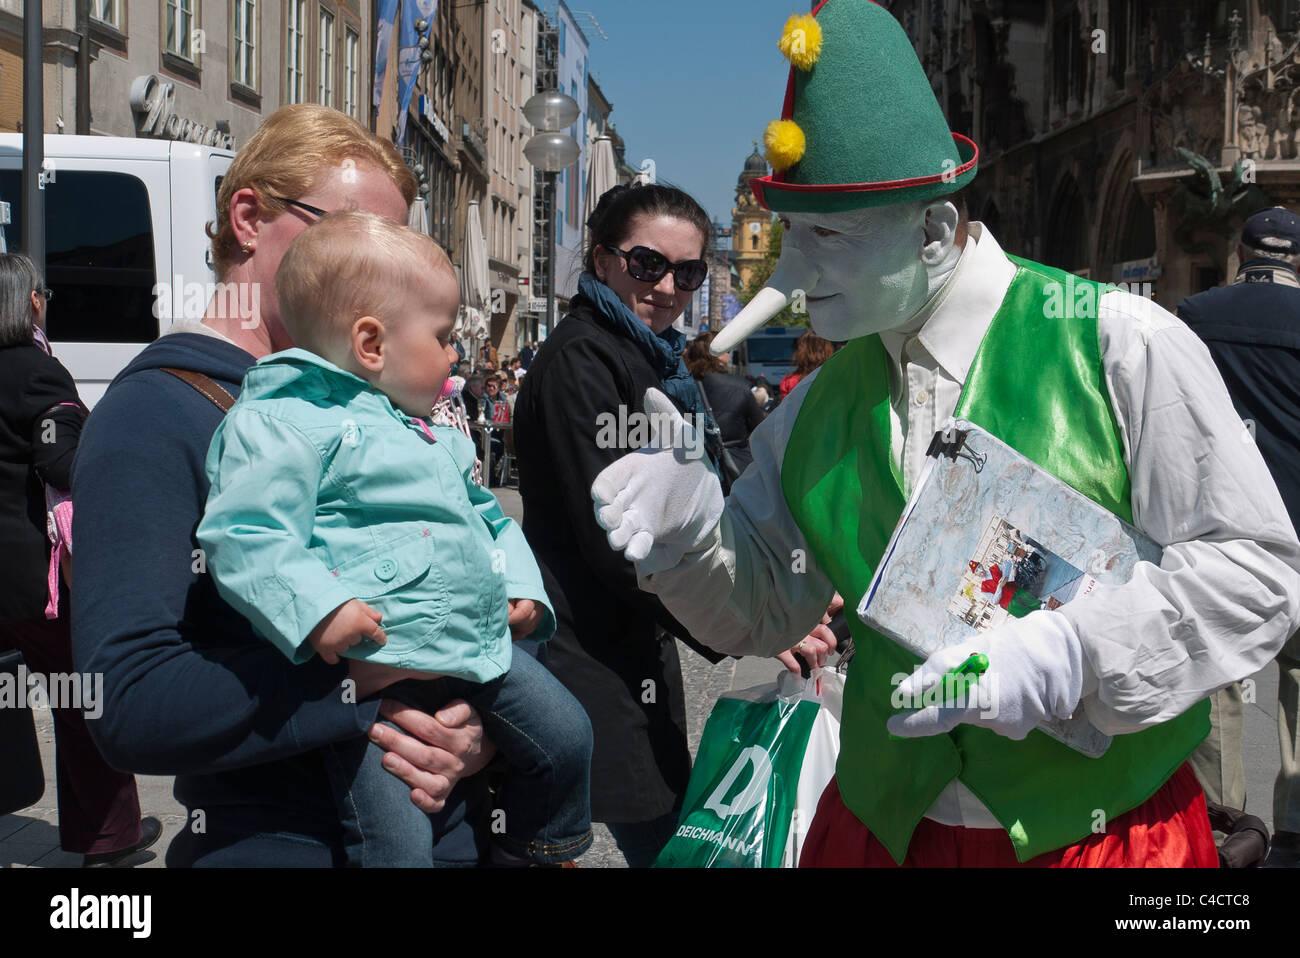 Un esecutore di strada vestiti in abiti da clown con un dipinto di bianco di  viso e lunga tipo Pinocchio naso tiene per mano un bambino. c8af5d30cf3